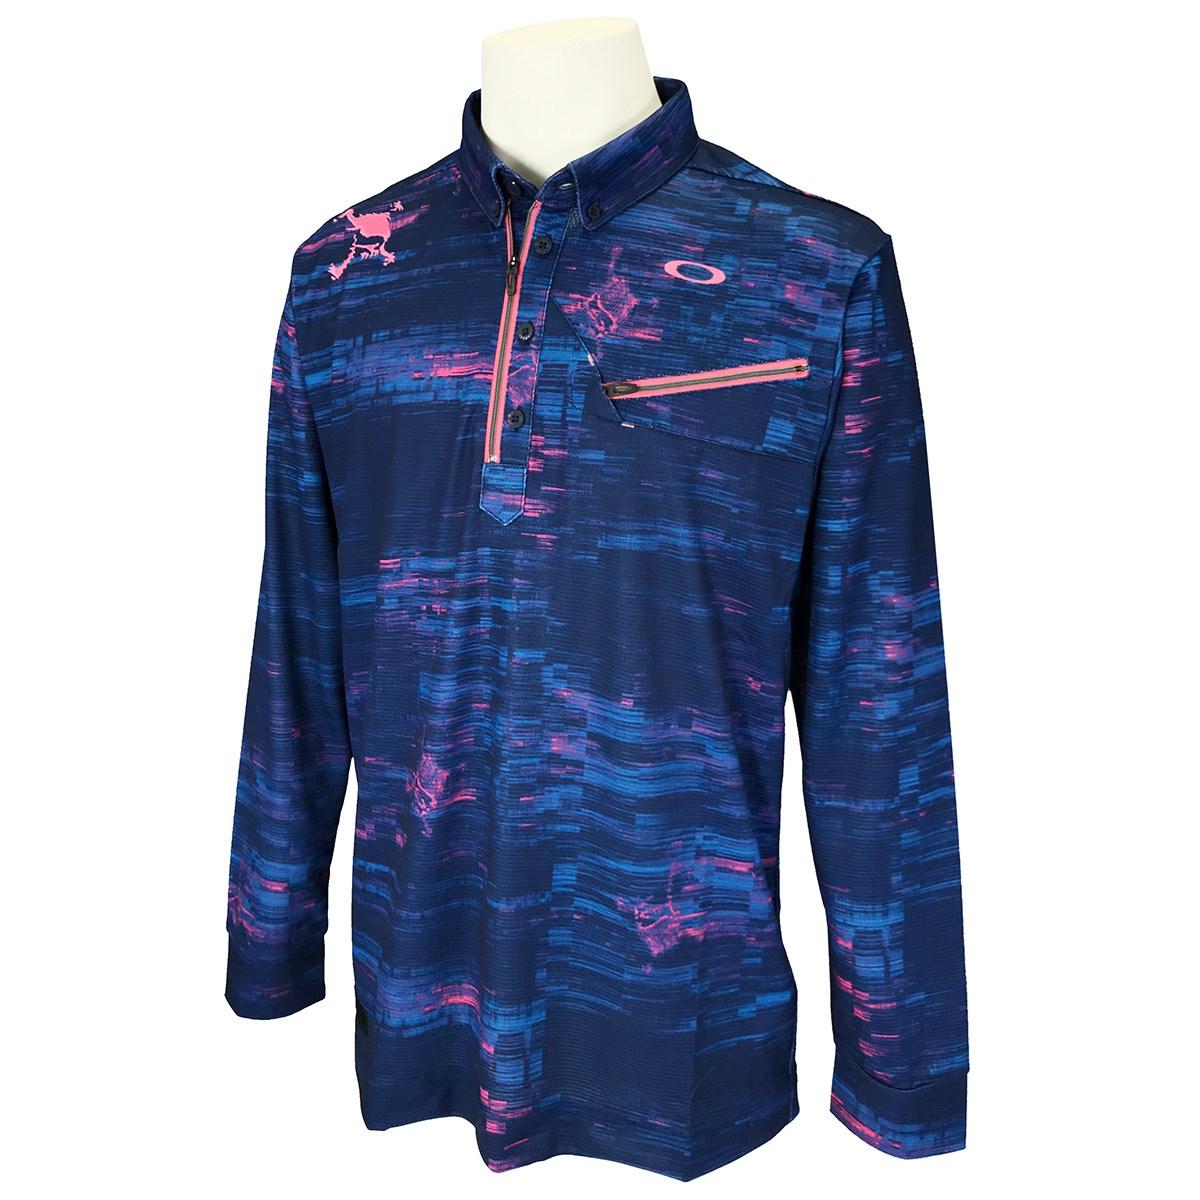 オークリー Skull スカル MUSCULAR 長袖ジップシャツ 2.0 US・EU/M ブルーストームプリント 66V